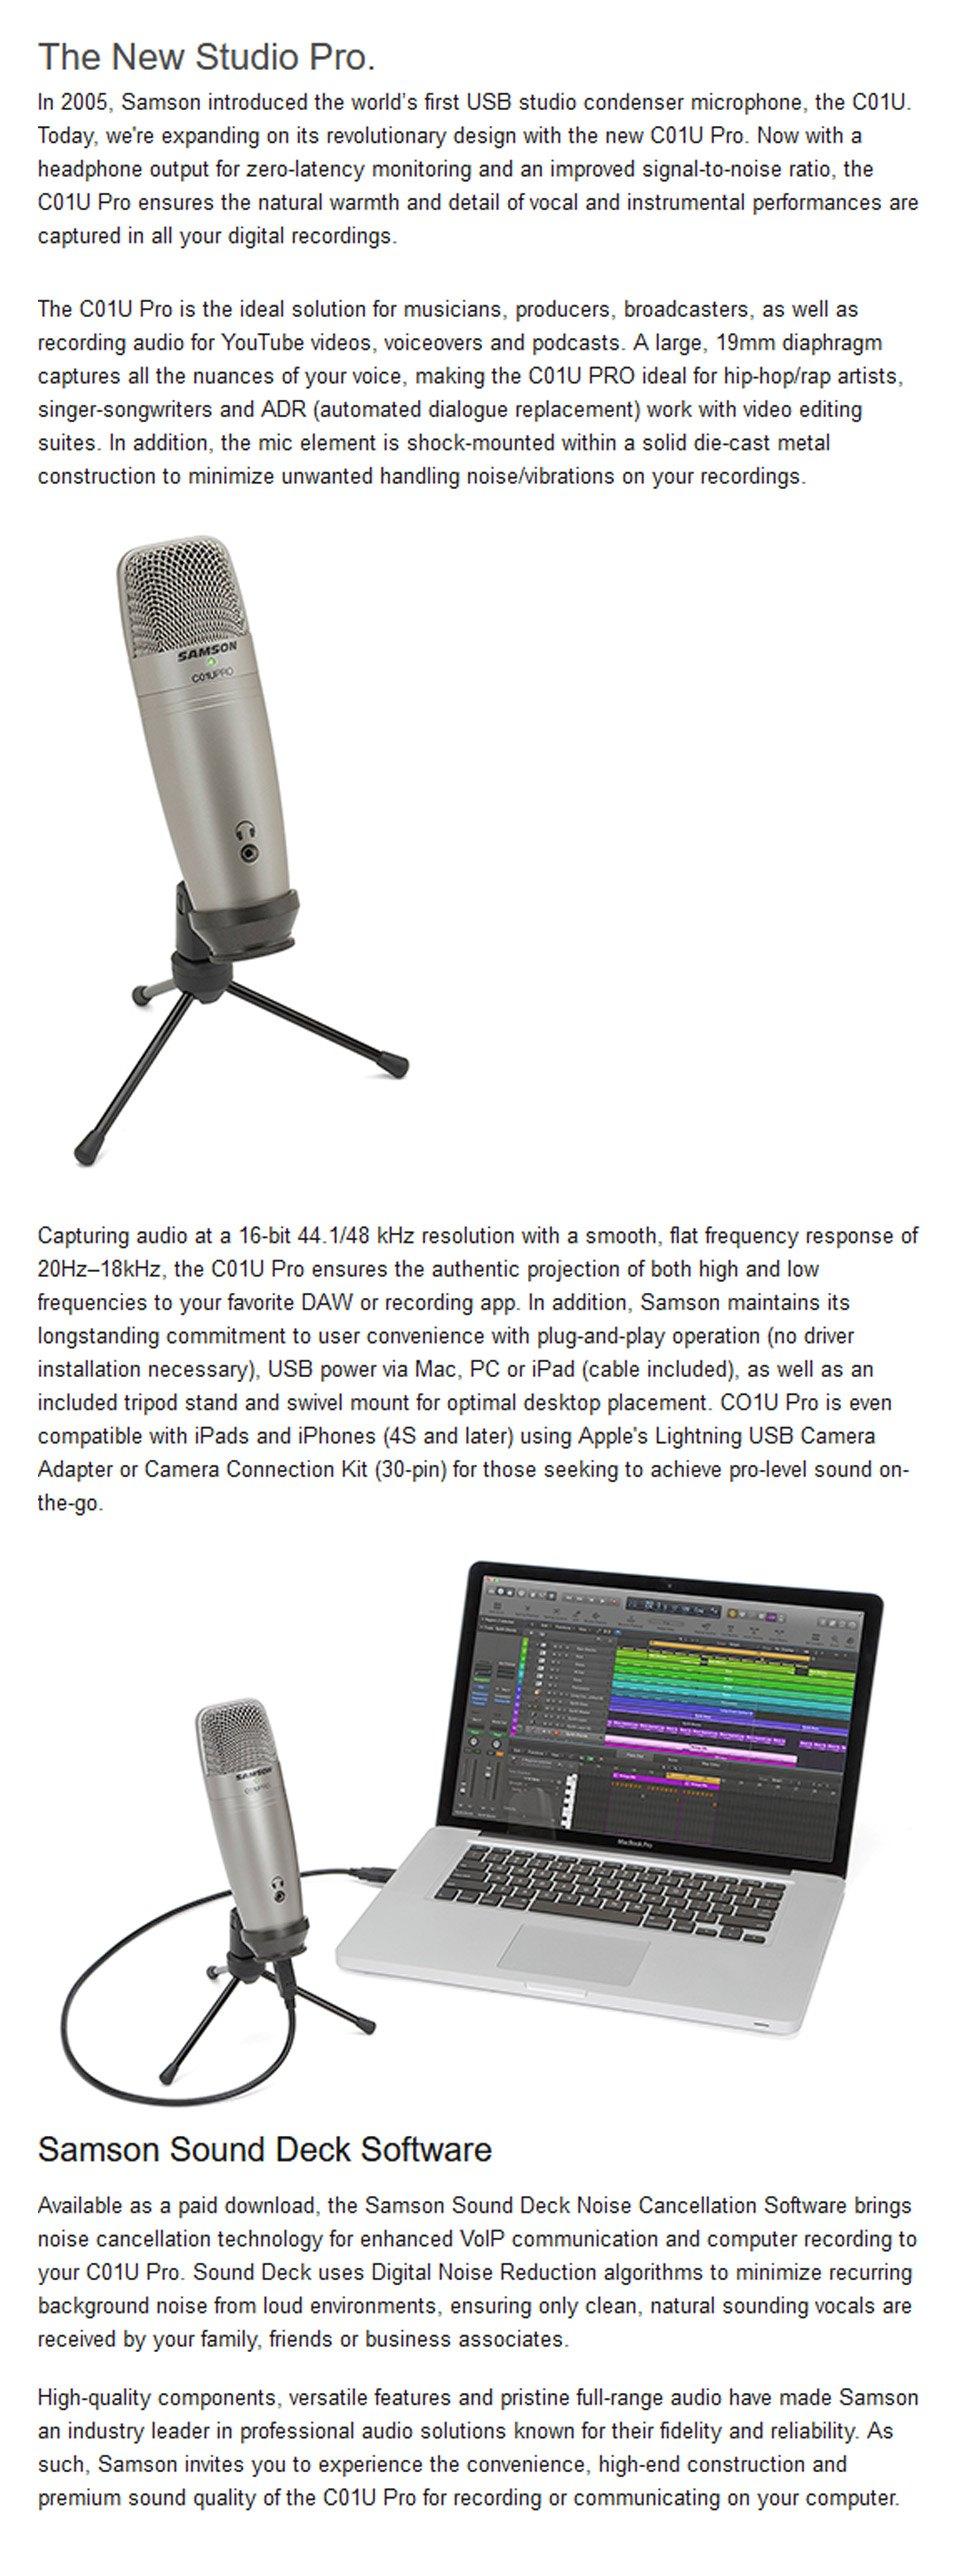 Samson C01U Pro USB Studio Condenser Microphone features